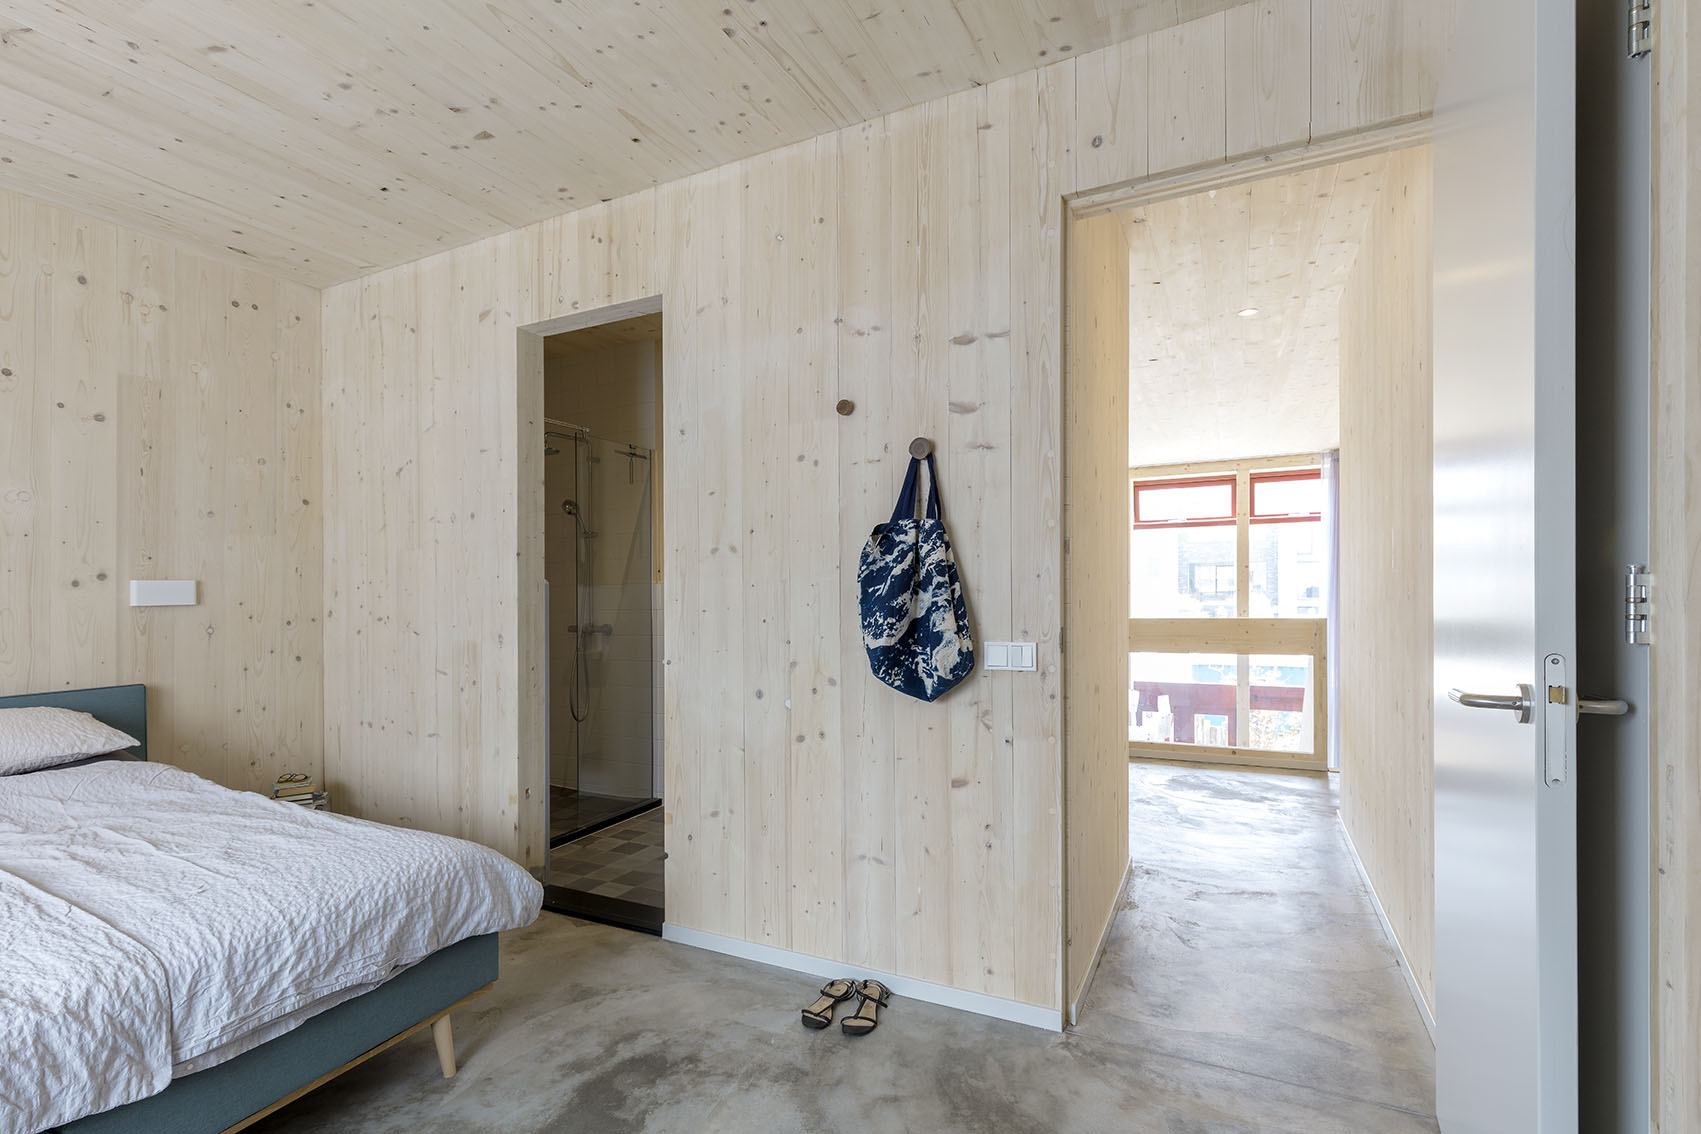 <p>Kavel 19 &#8211; slaapkamer met optionele badkamer op de 1e verdieping   foto: Marcel van der Burg</p>